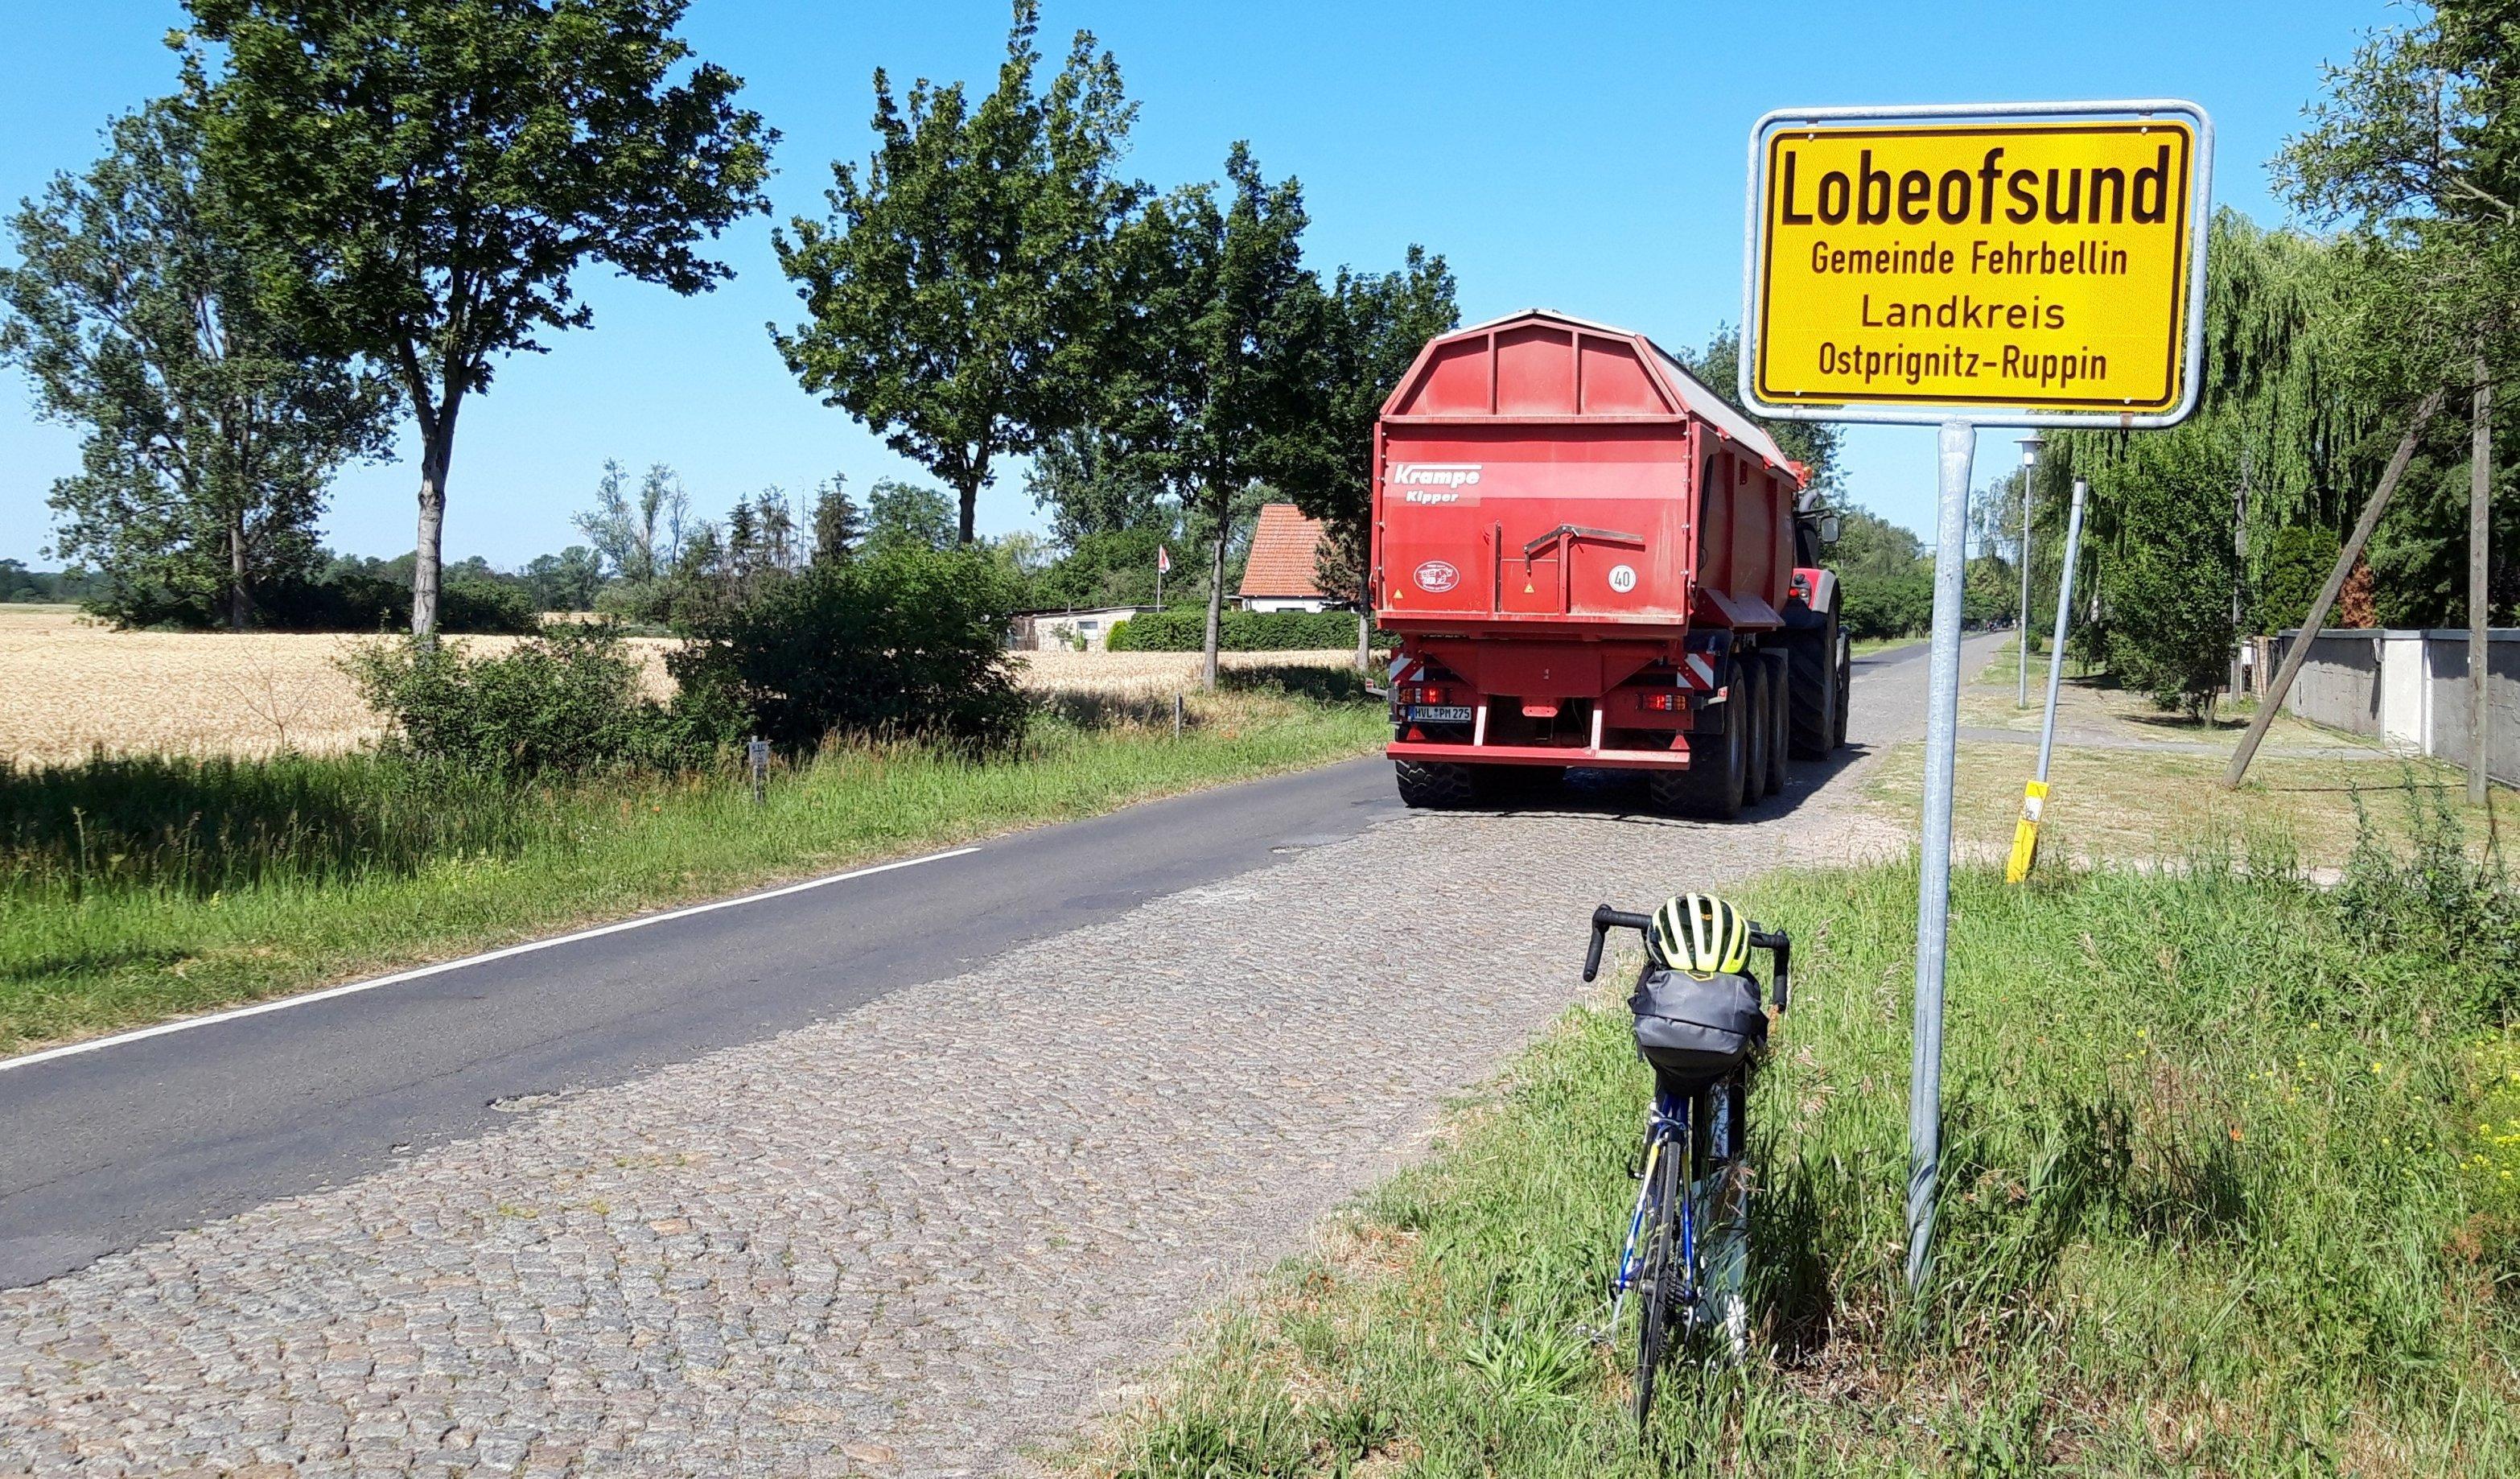 Das Rad lehnt am Ortsschild von Lobeofsund, auf der Kopfsteinpflasterstraße ist nur eine Spur asfaltiert.